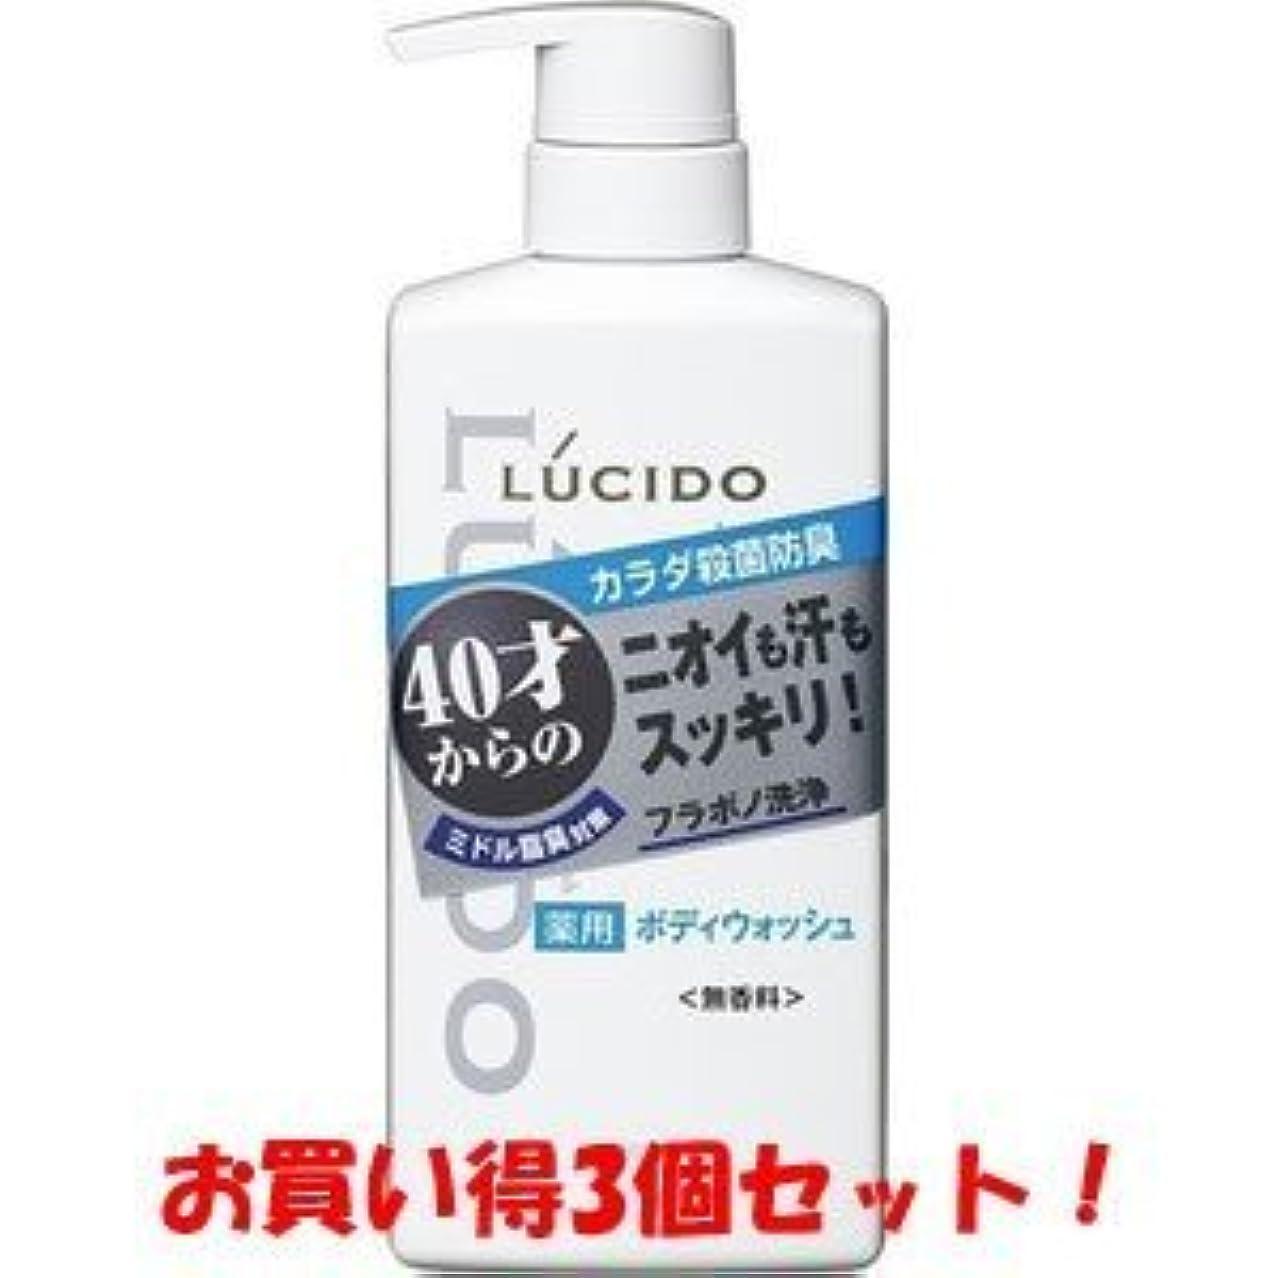 ヒゲ現実的ぞっとするような【LUCIDO】ルシード 薬用デオドラントボディウォッシュ 450ml(医薬部外品)(お買い得3個セット)